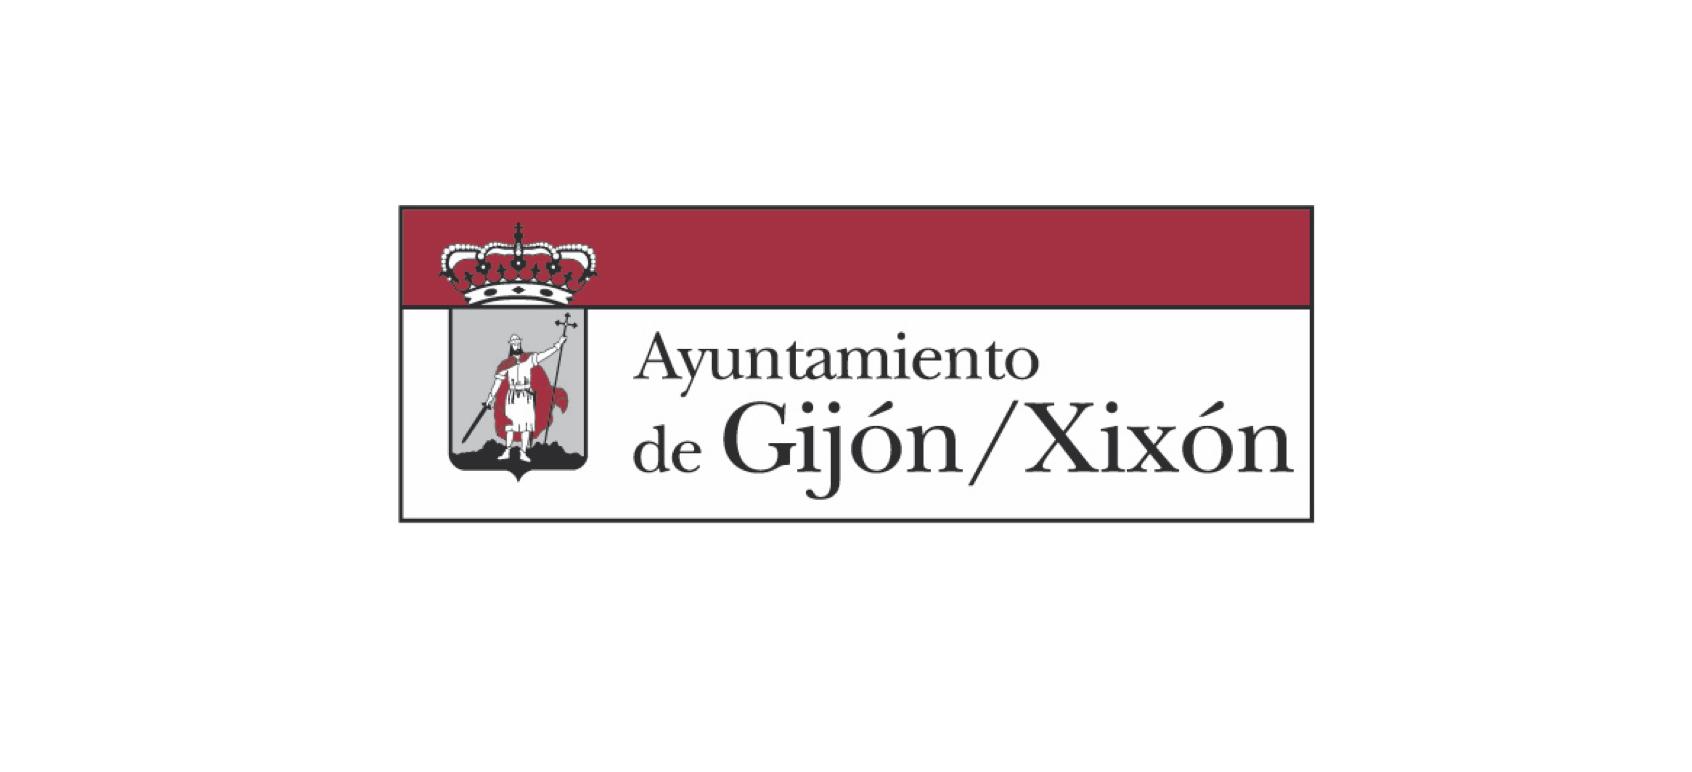 Gijón City Council